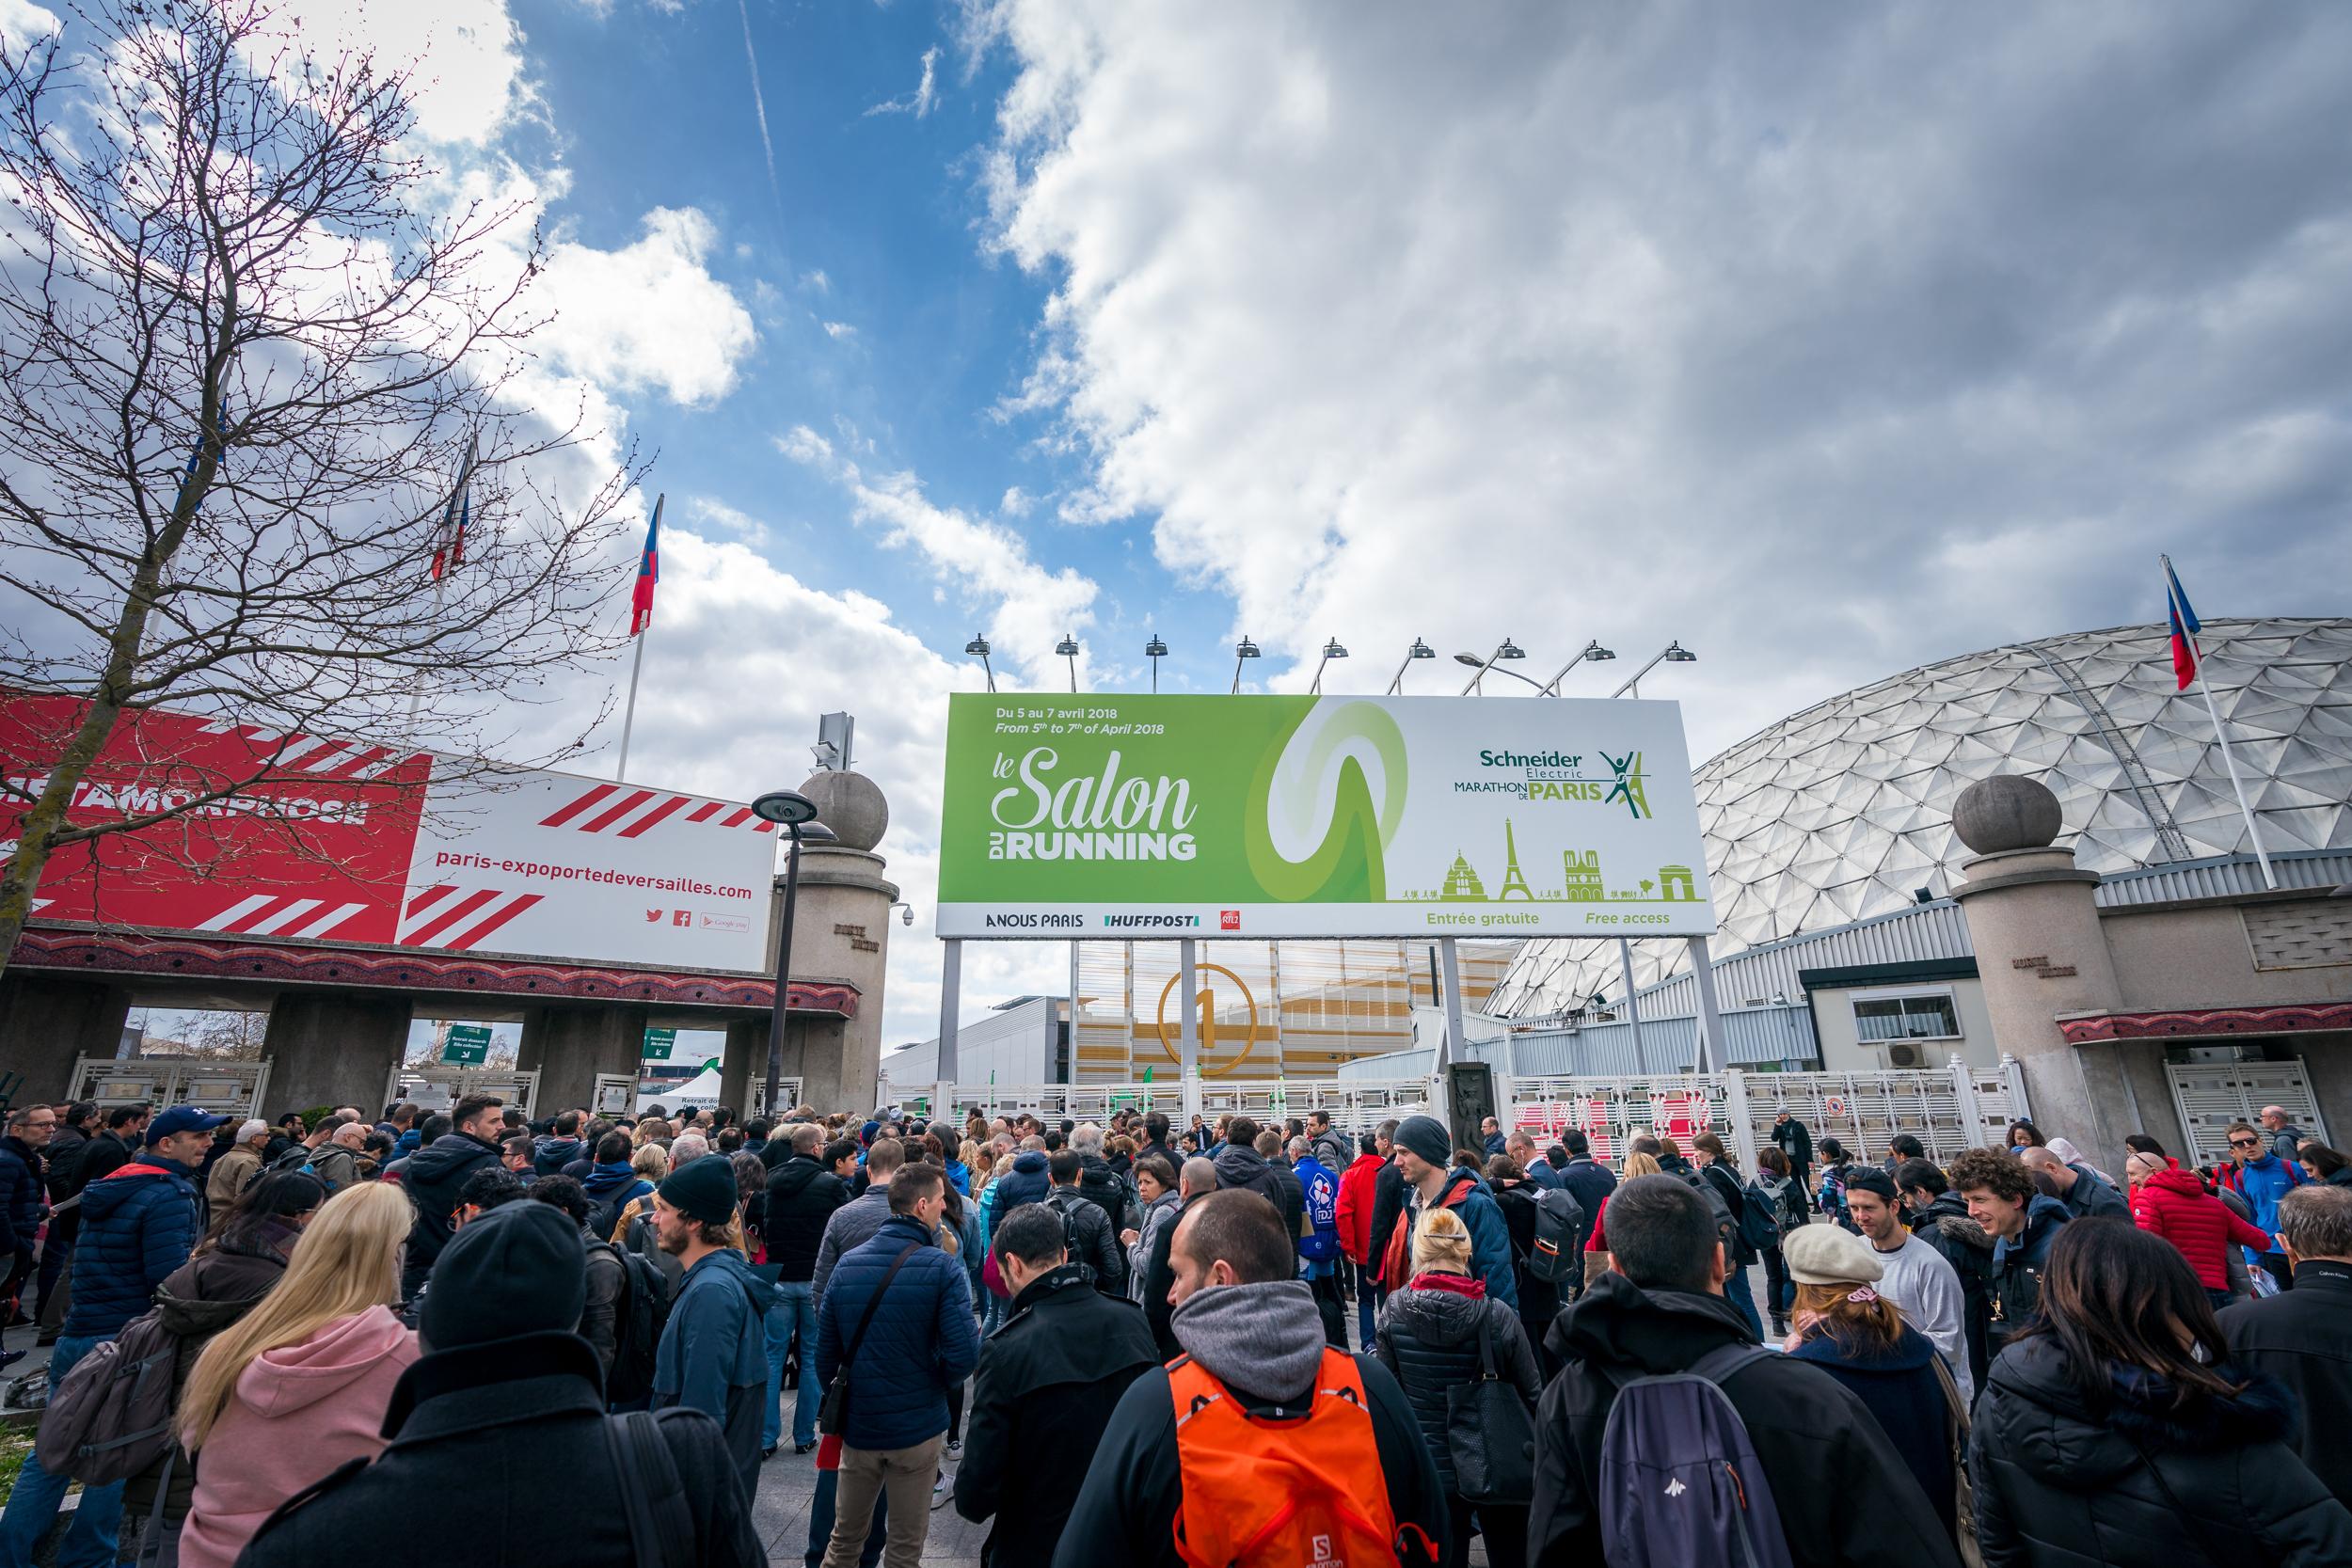 Salon Running 2018